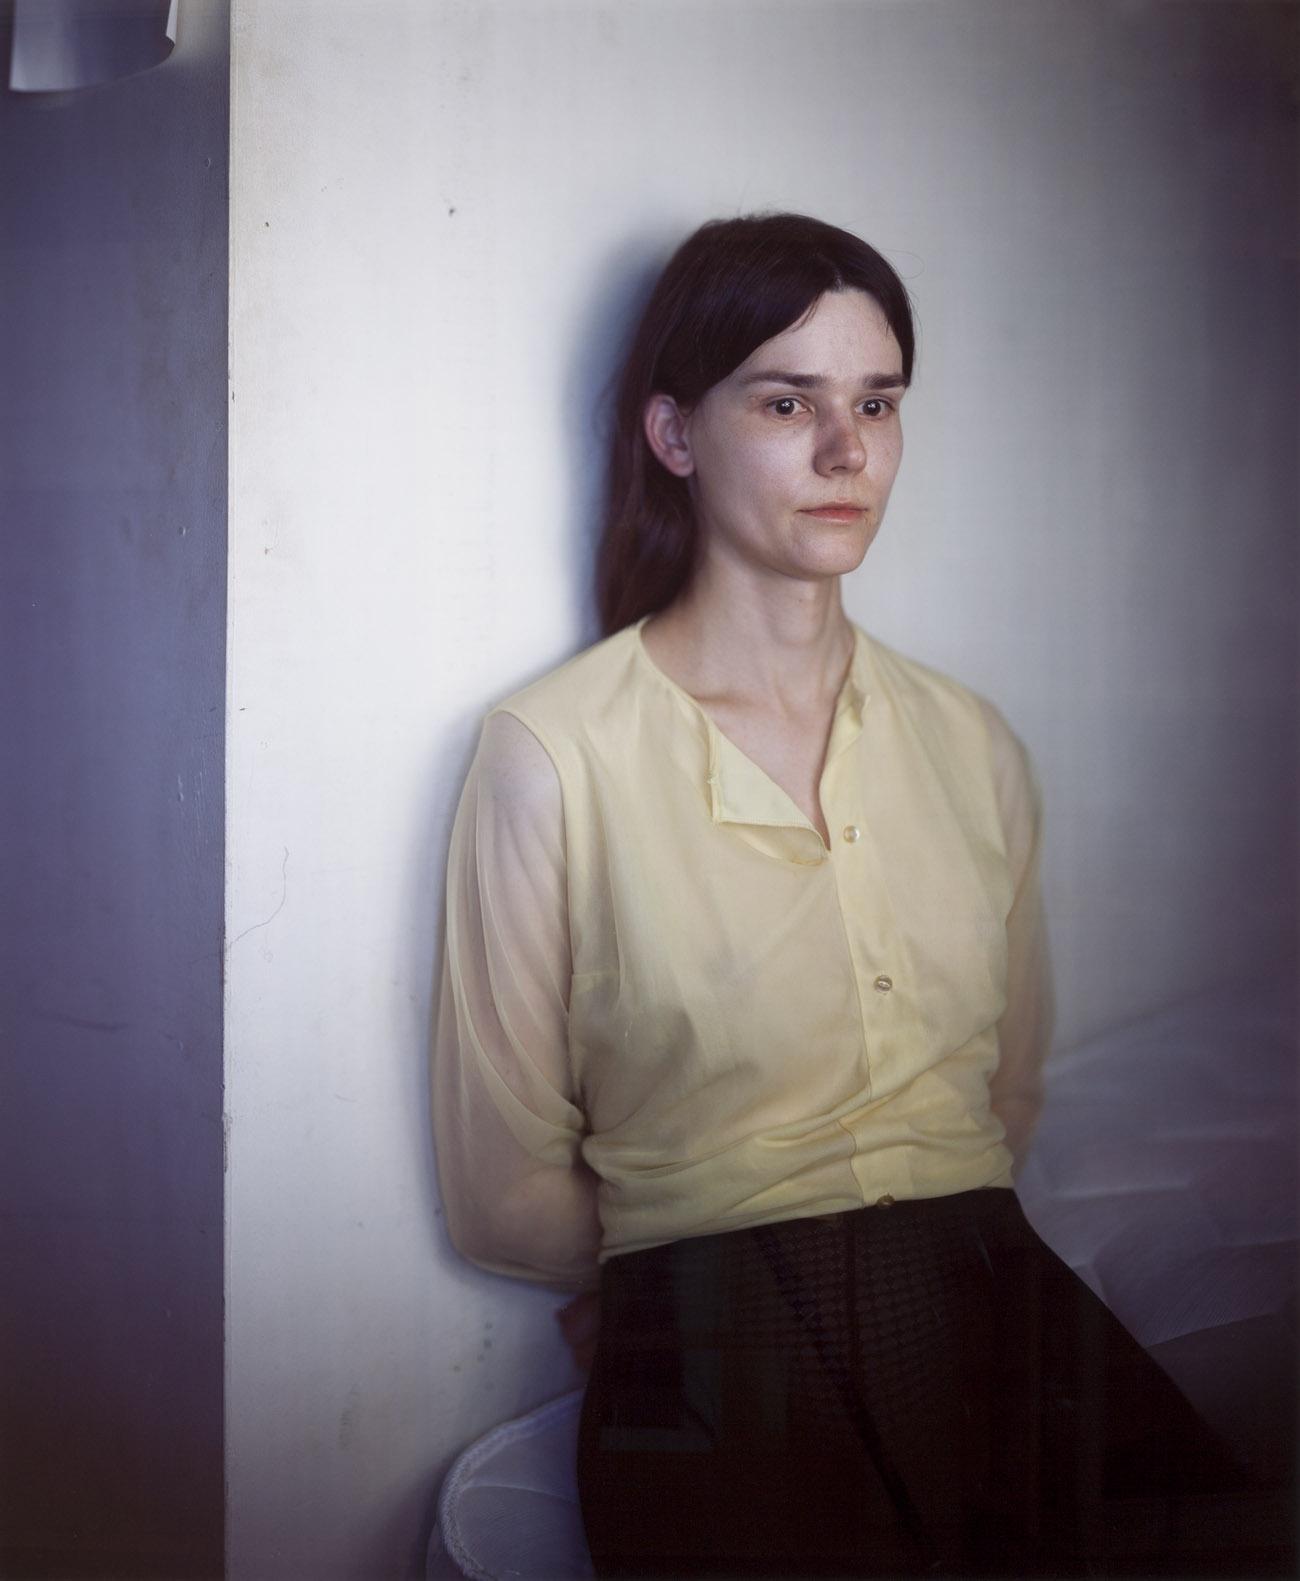 Melanie / Richard Learoyd